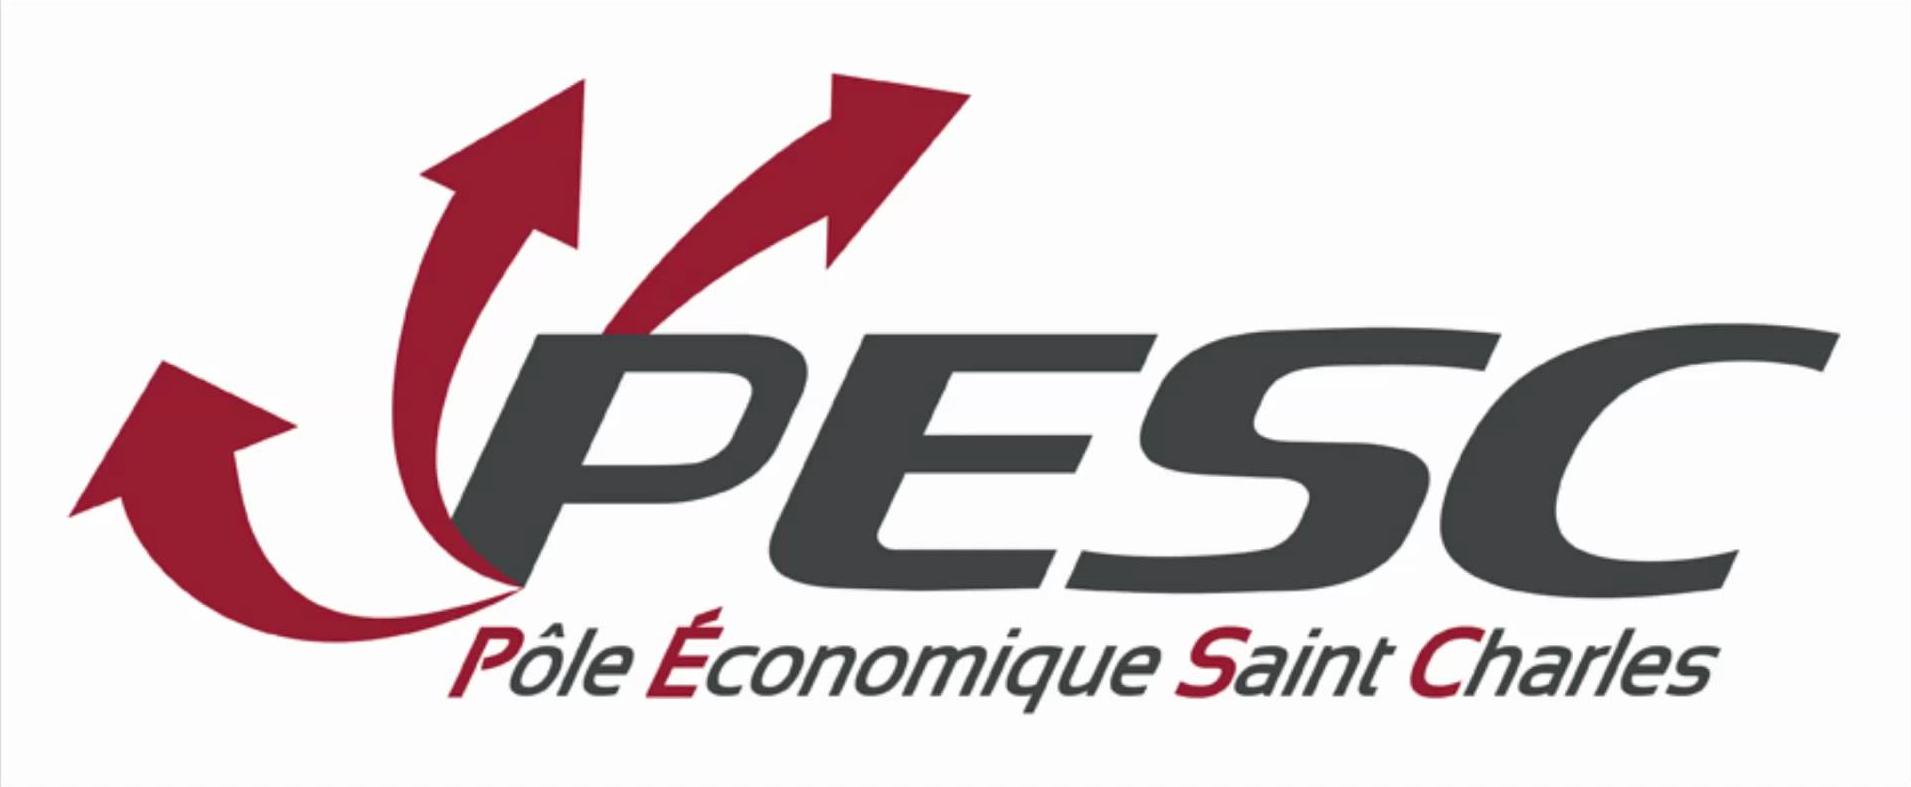 Pôle économique St Charles